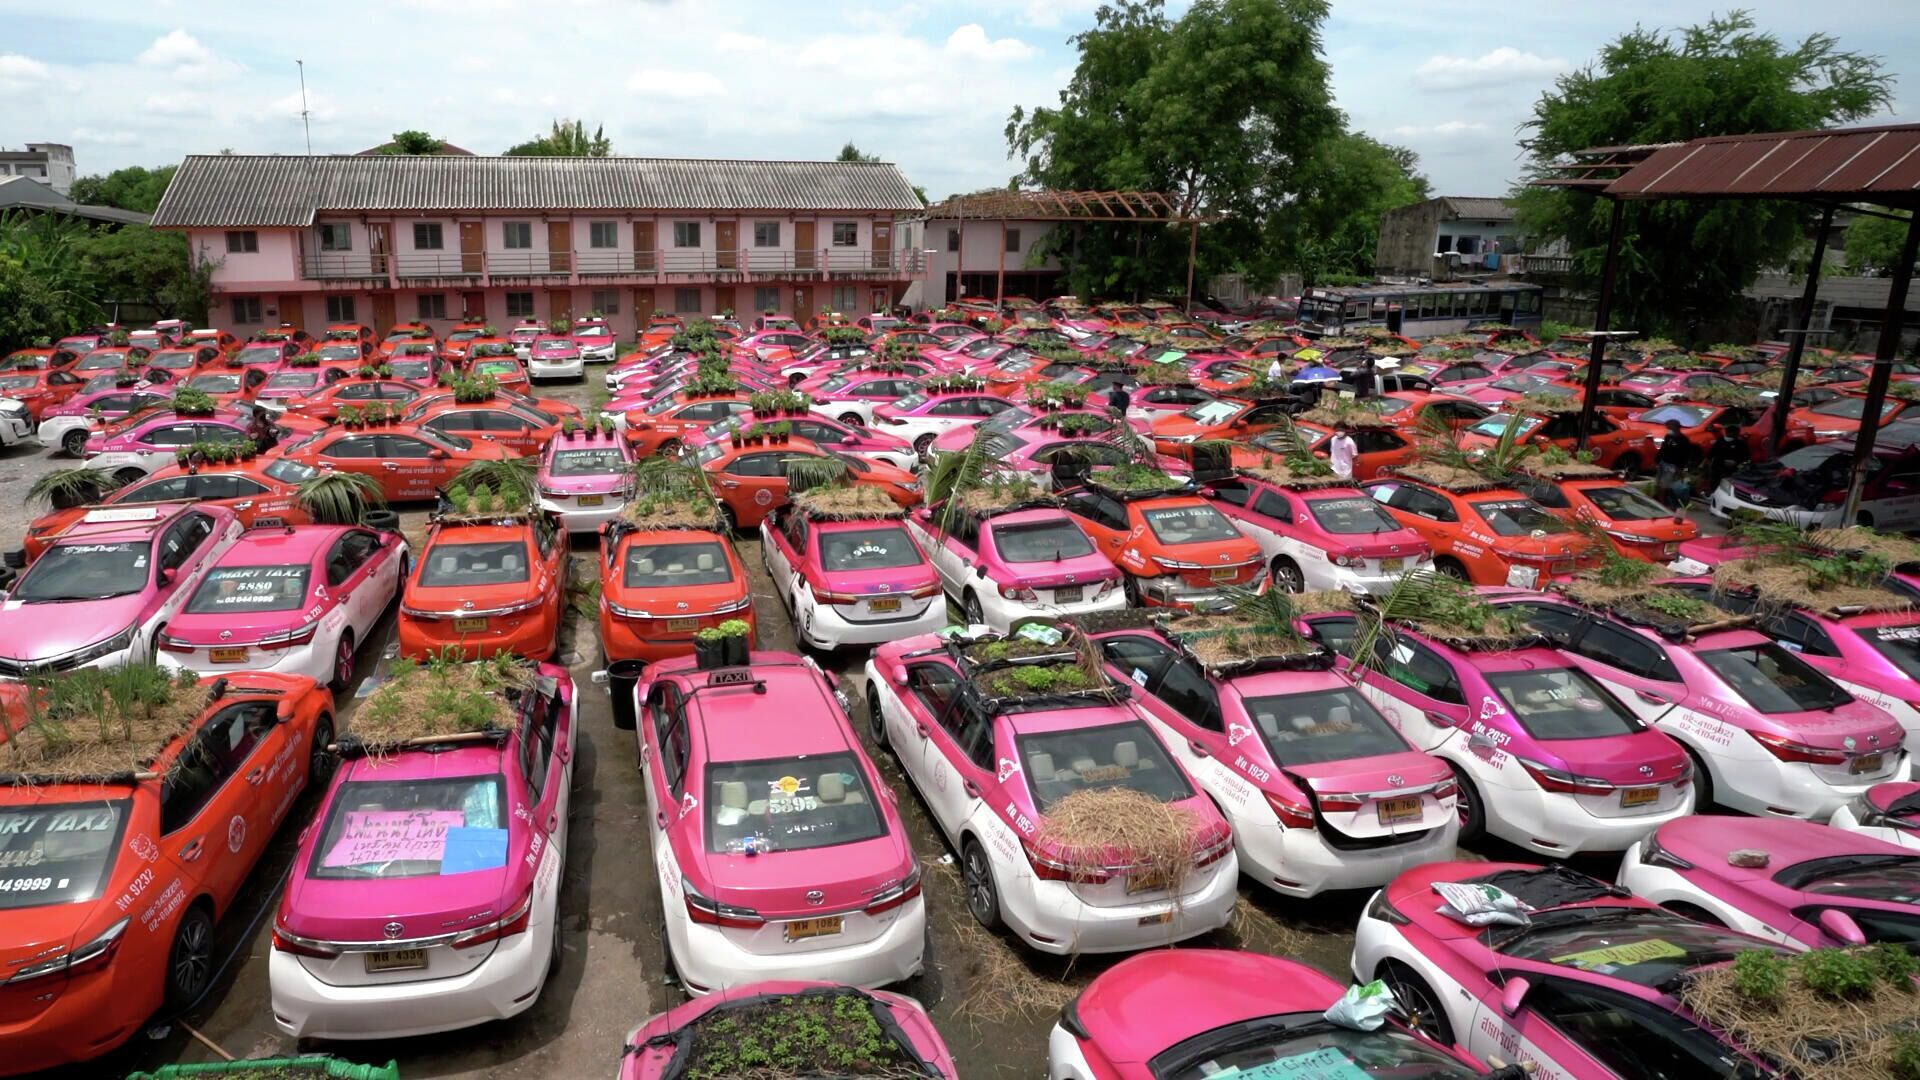 Δεκάδες εγκαταλελειμμένα ταξί μετατρέπονται σε μίνι λαχανόκηπους για άνεργους οδηγούς - Sputnik Ελλάδα, 1920, 21.09.2021